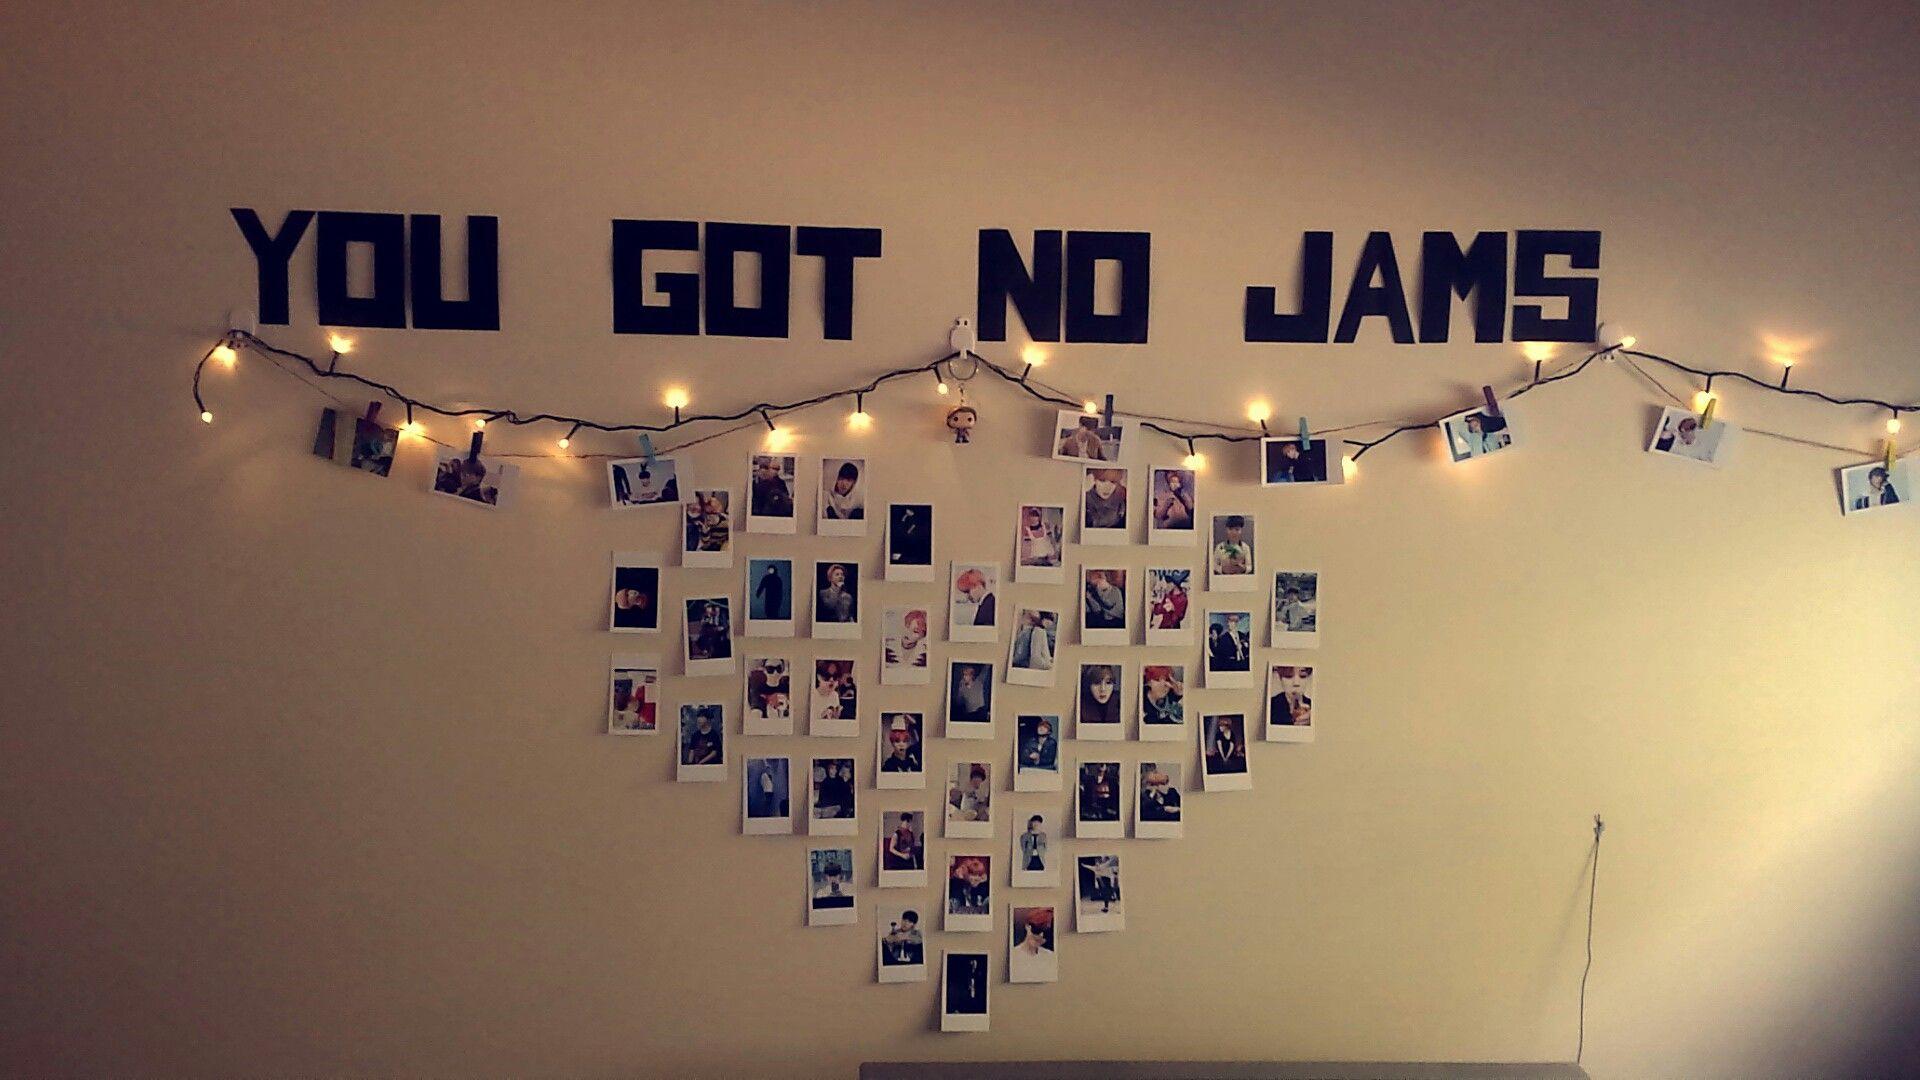 Kpop Room Decor Diy Bts Jimin Polaroids Stopjimin2k16 Yougotnojams